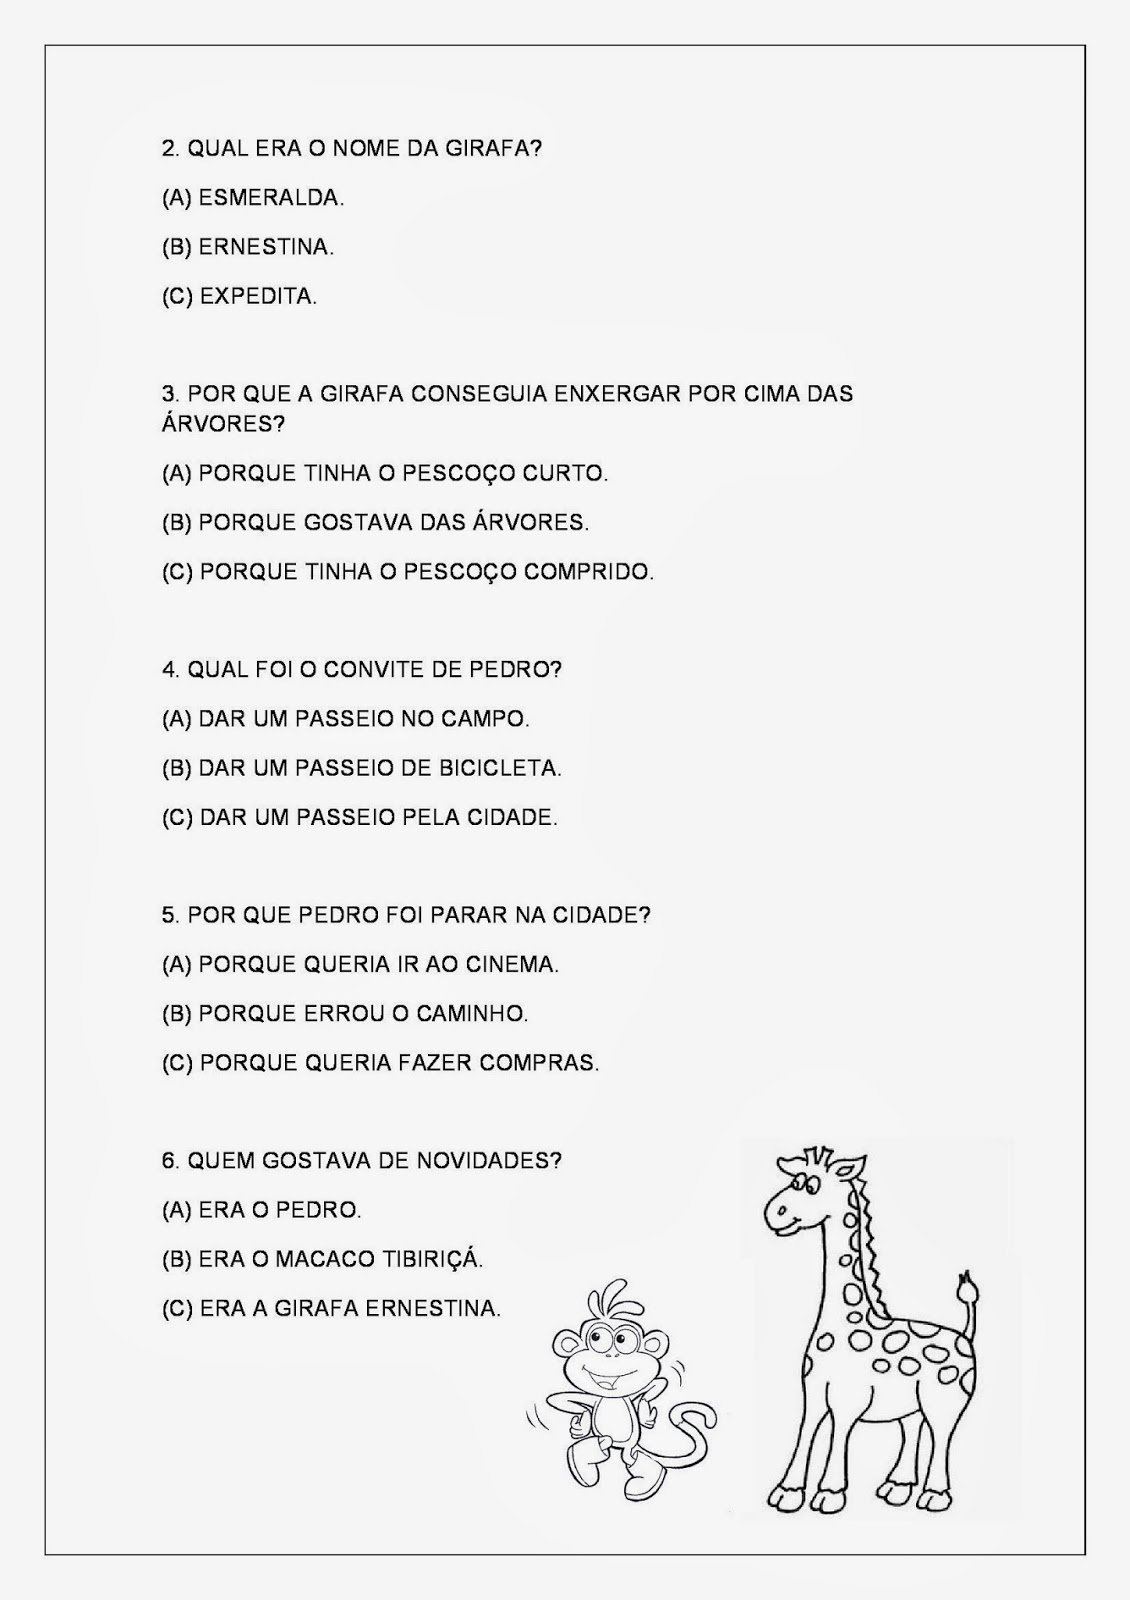 Textos Curtos - Texto sobre animais - Atividades de Interpretação